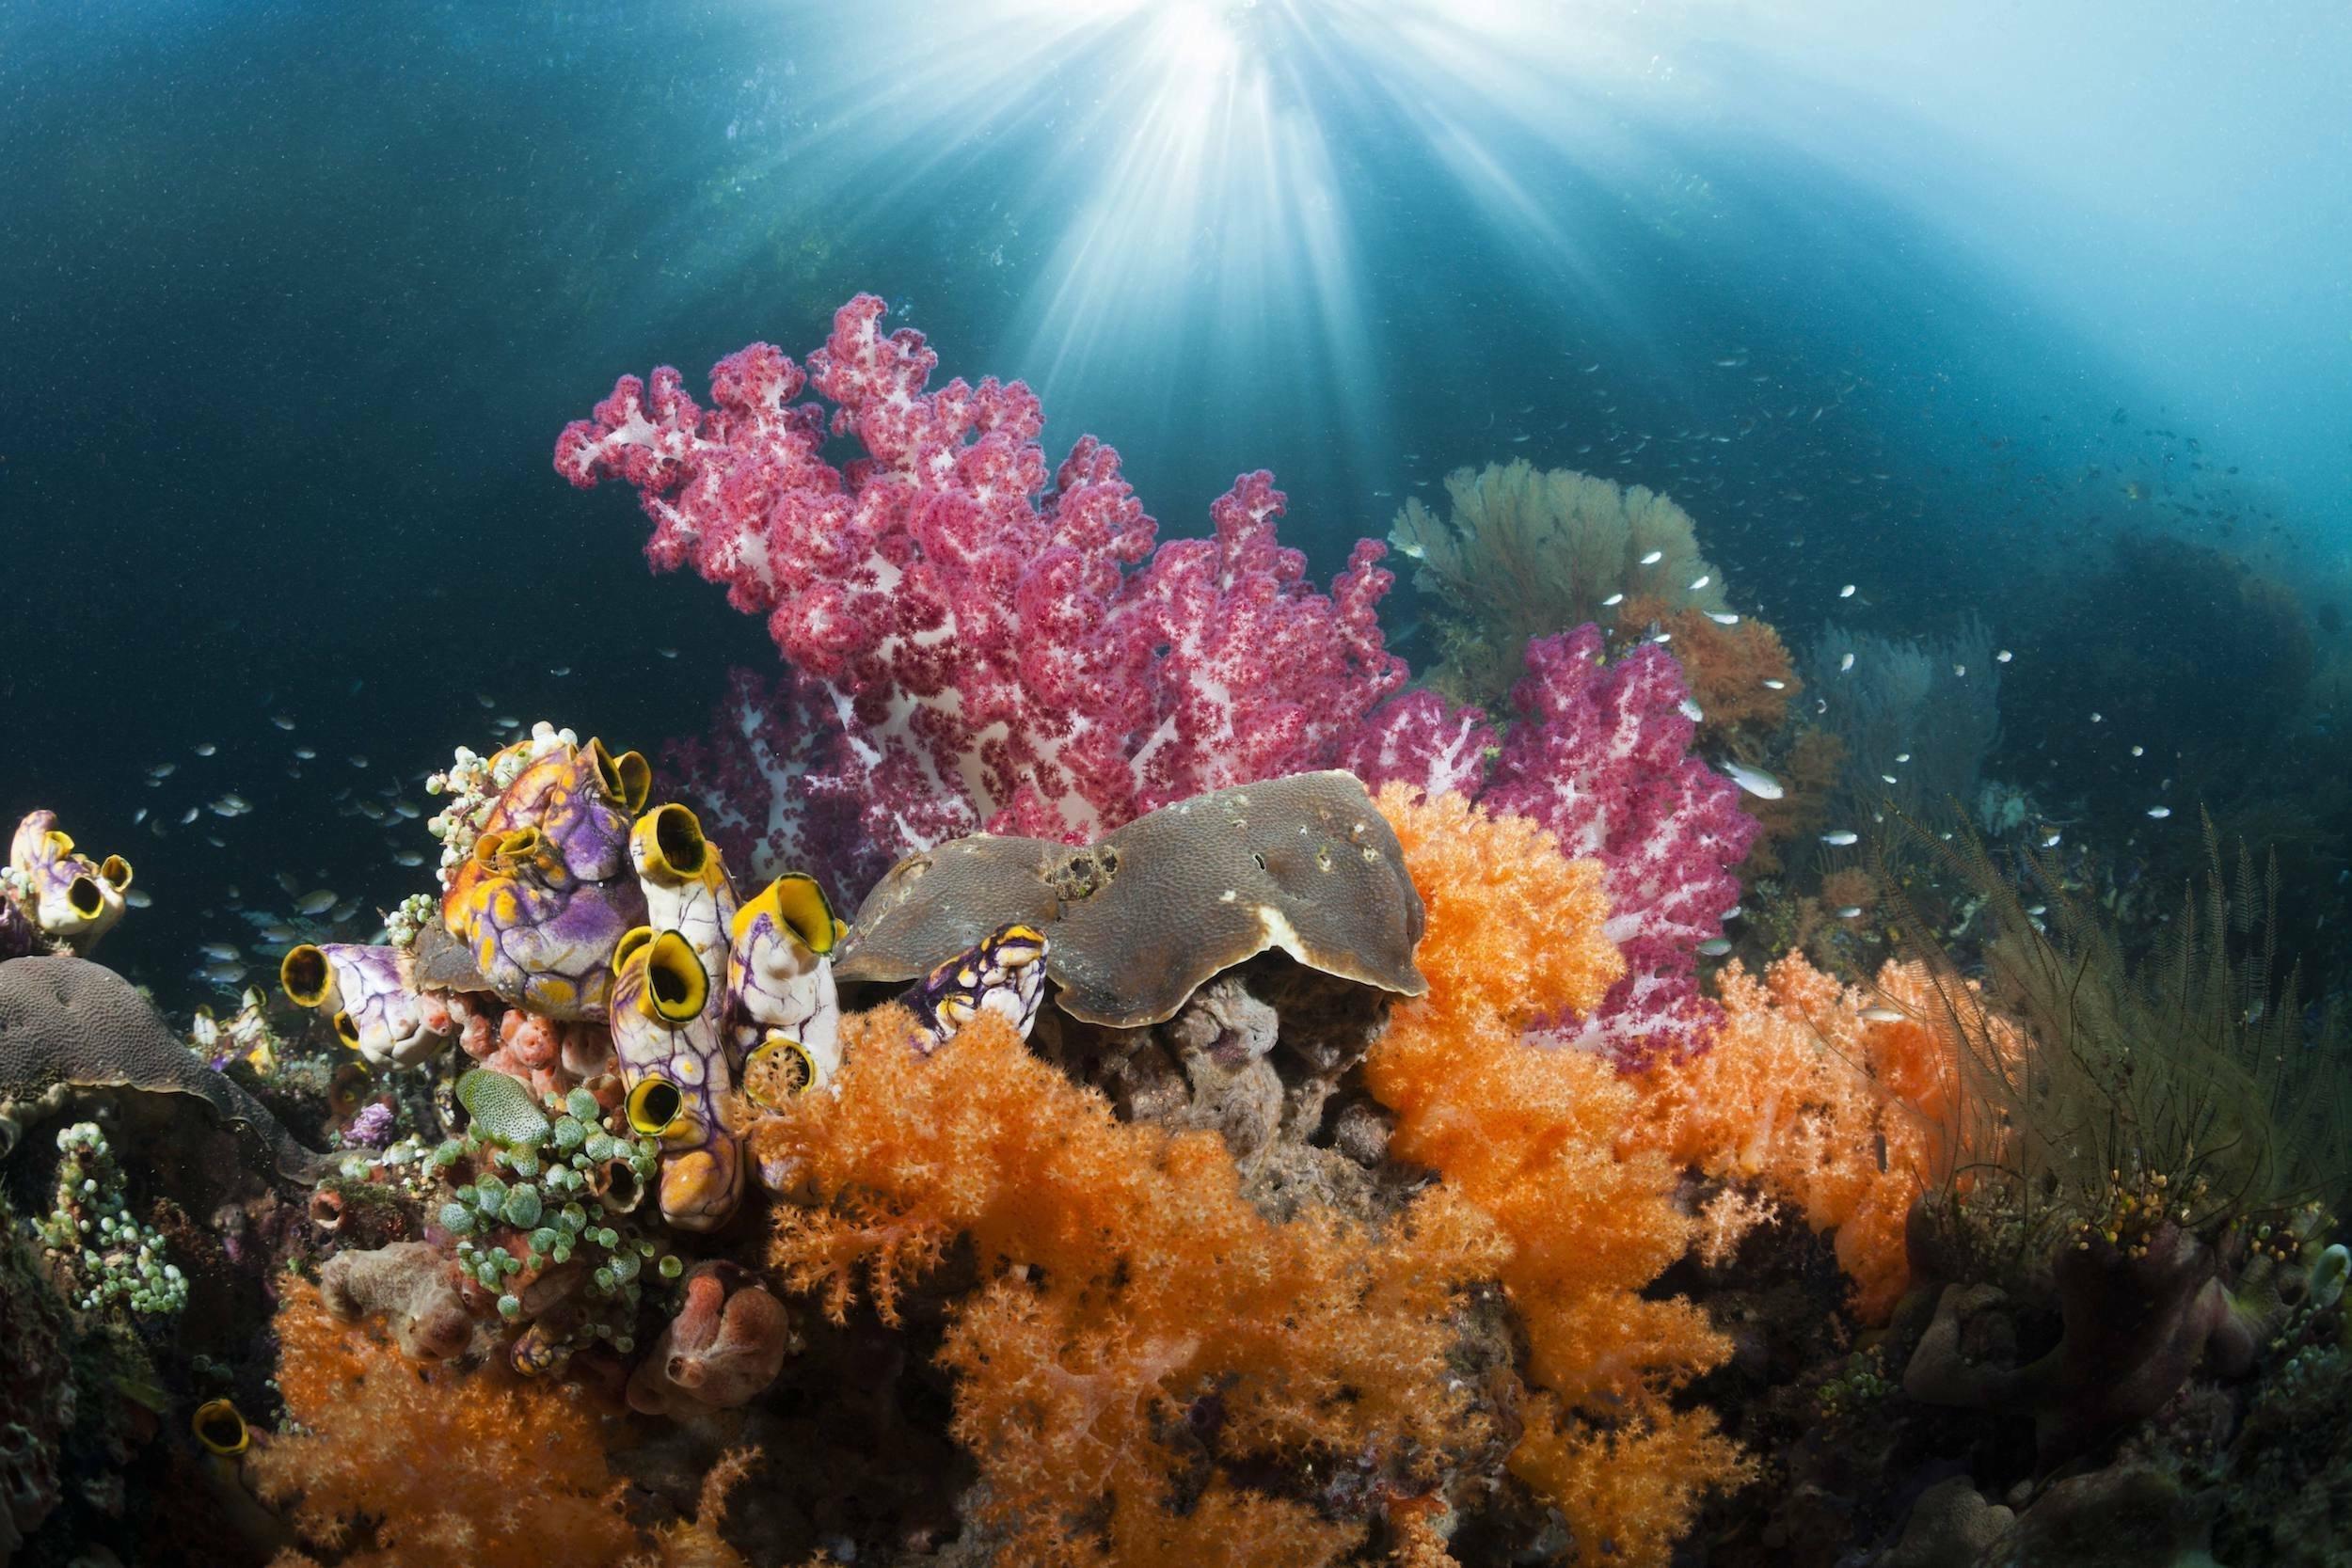 Das Bild zeigt ein Korallenriff vor Raja Ampat in Indonesien. Es ist wieder gesund und voller Fische, seit die Meereswelt dort geschützt wird